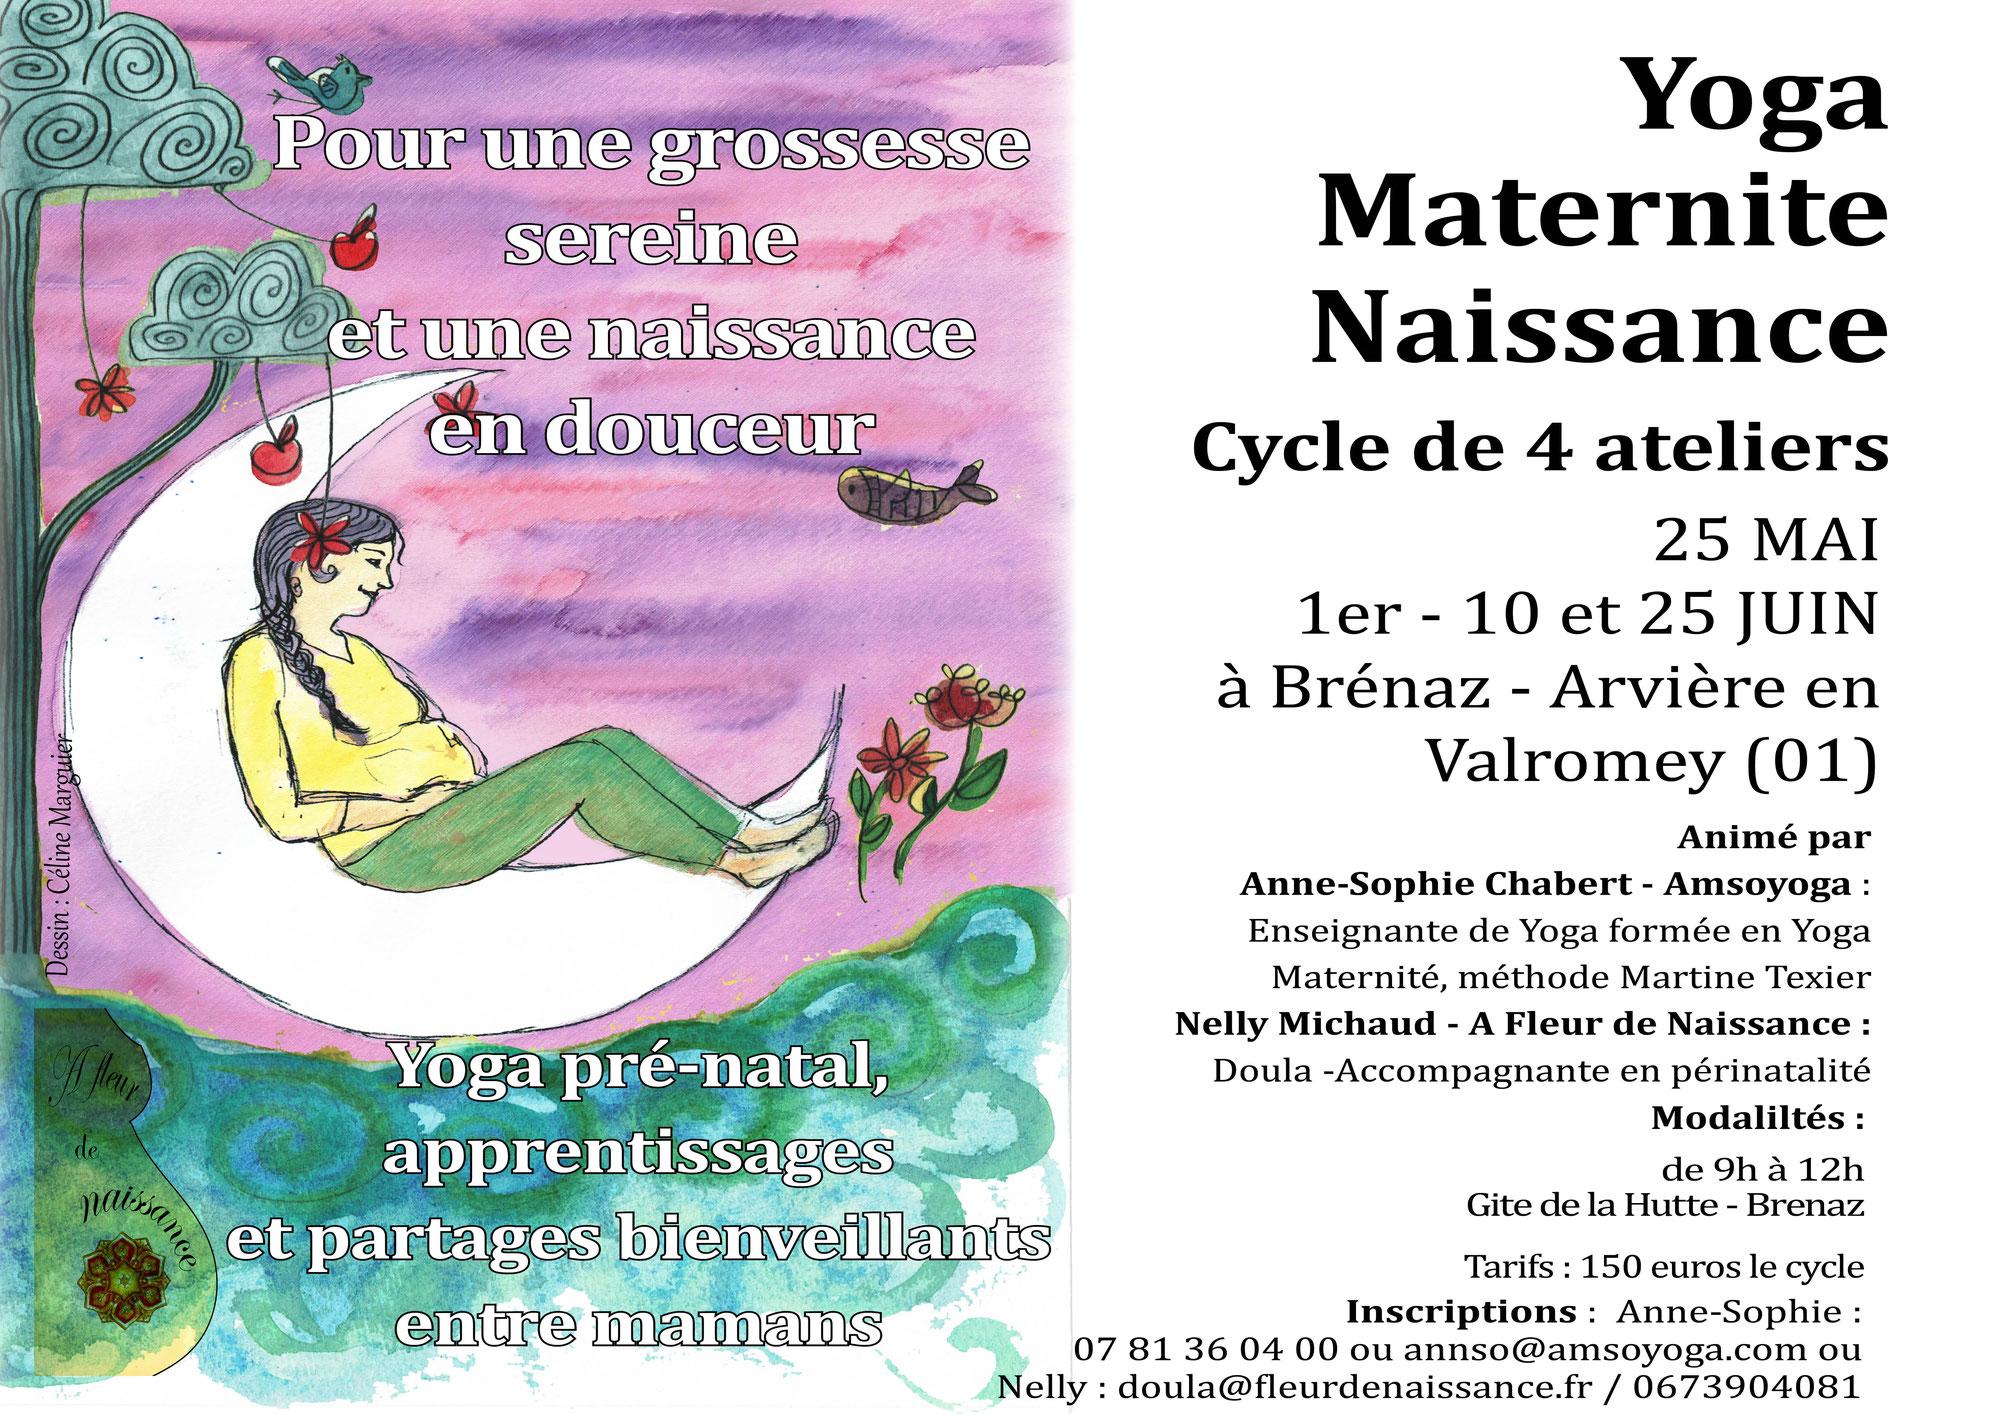 Cycle de Yoga Naissance Maternité mai et juin 21 à Arvière-en-Valromey